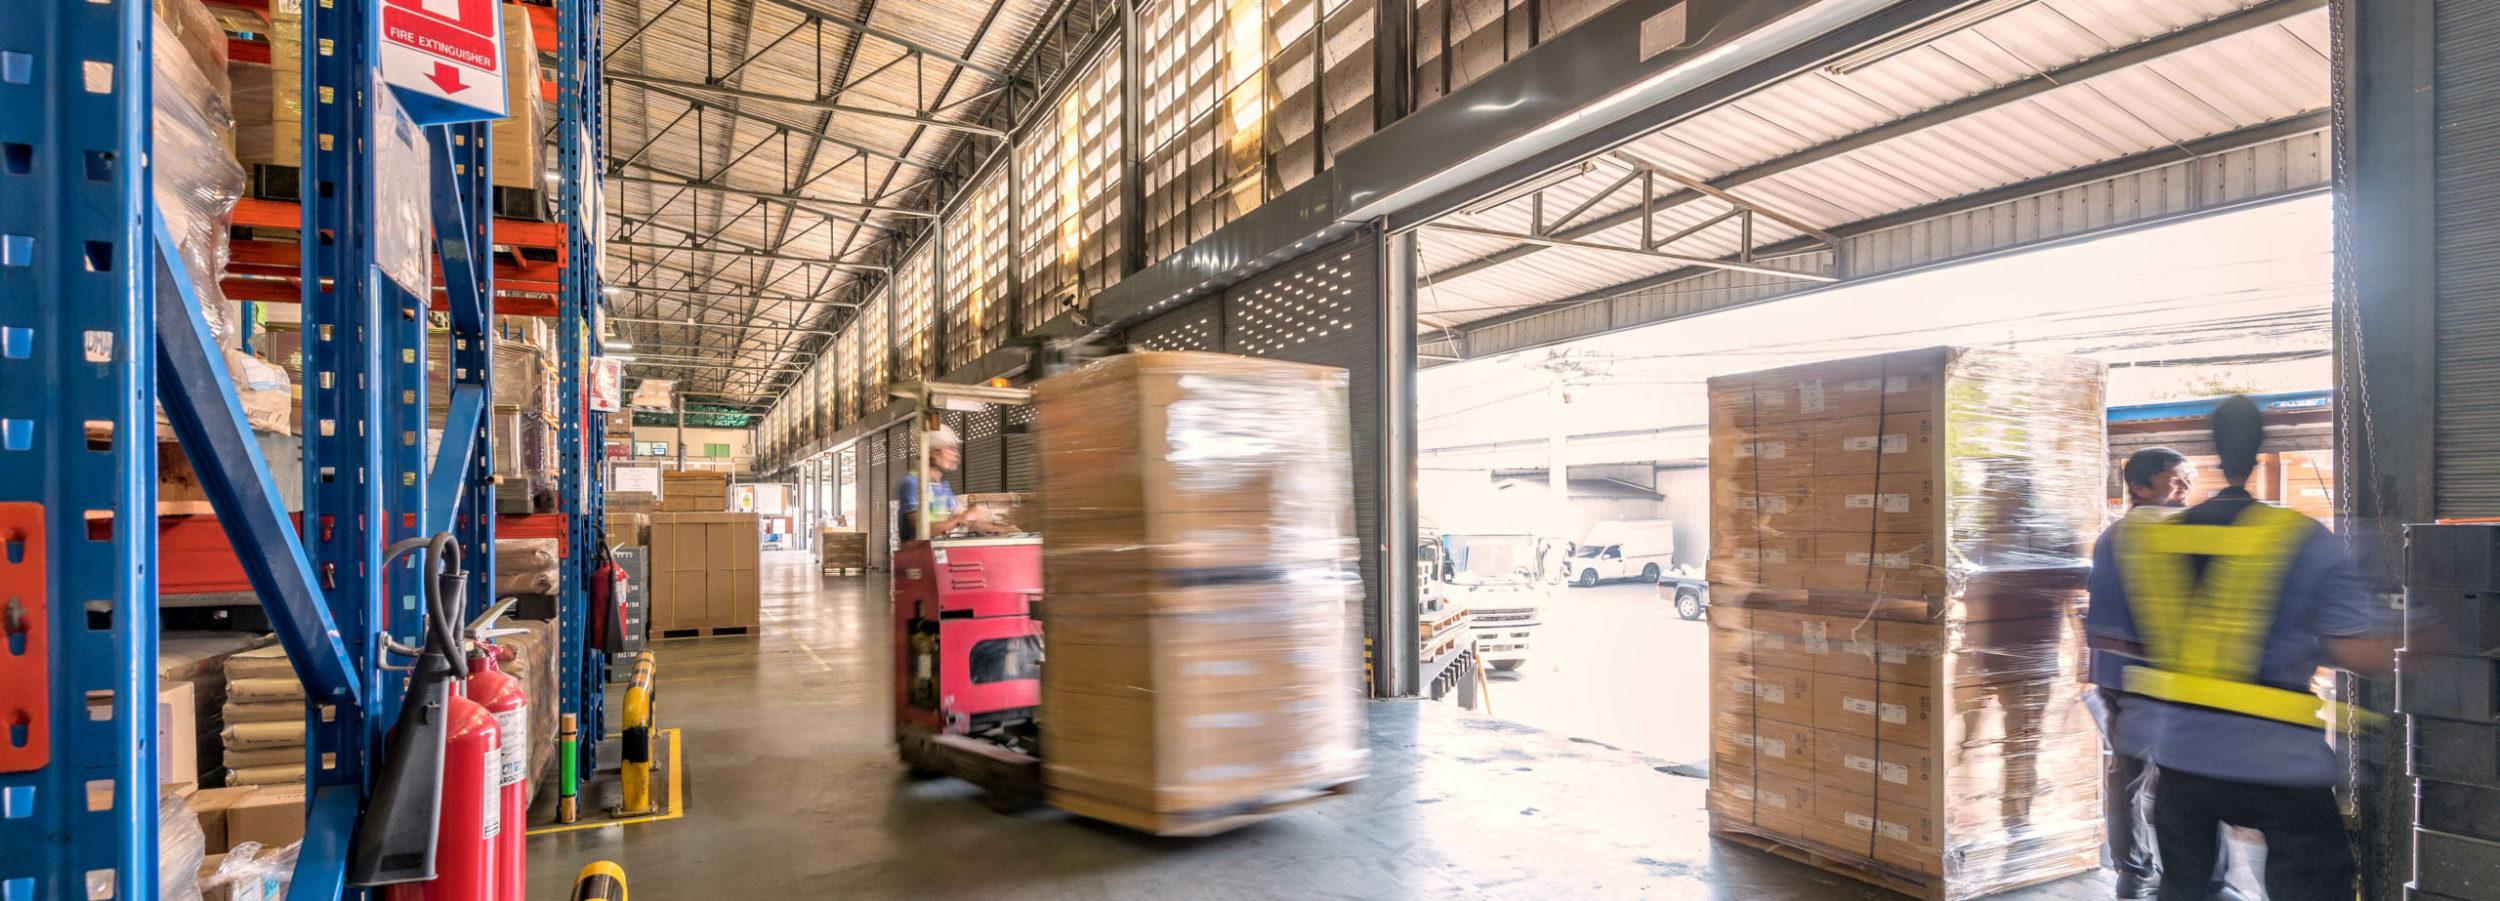 物流倉庫での搬出作業イメージ